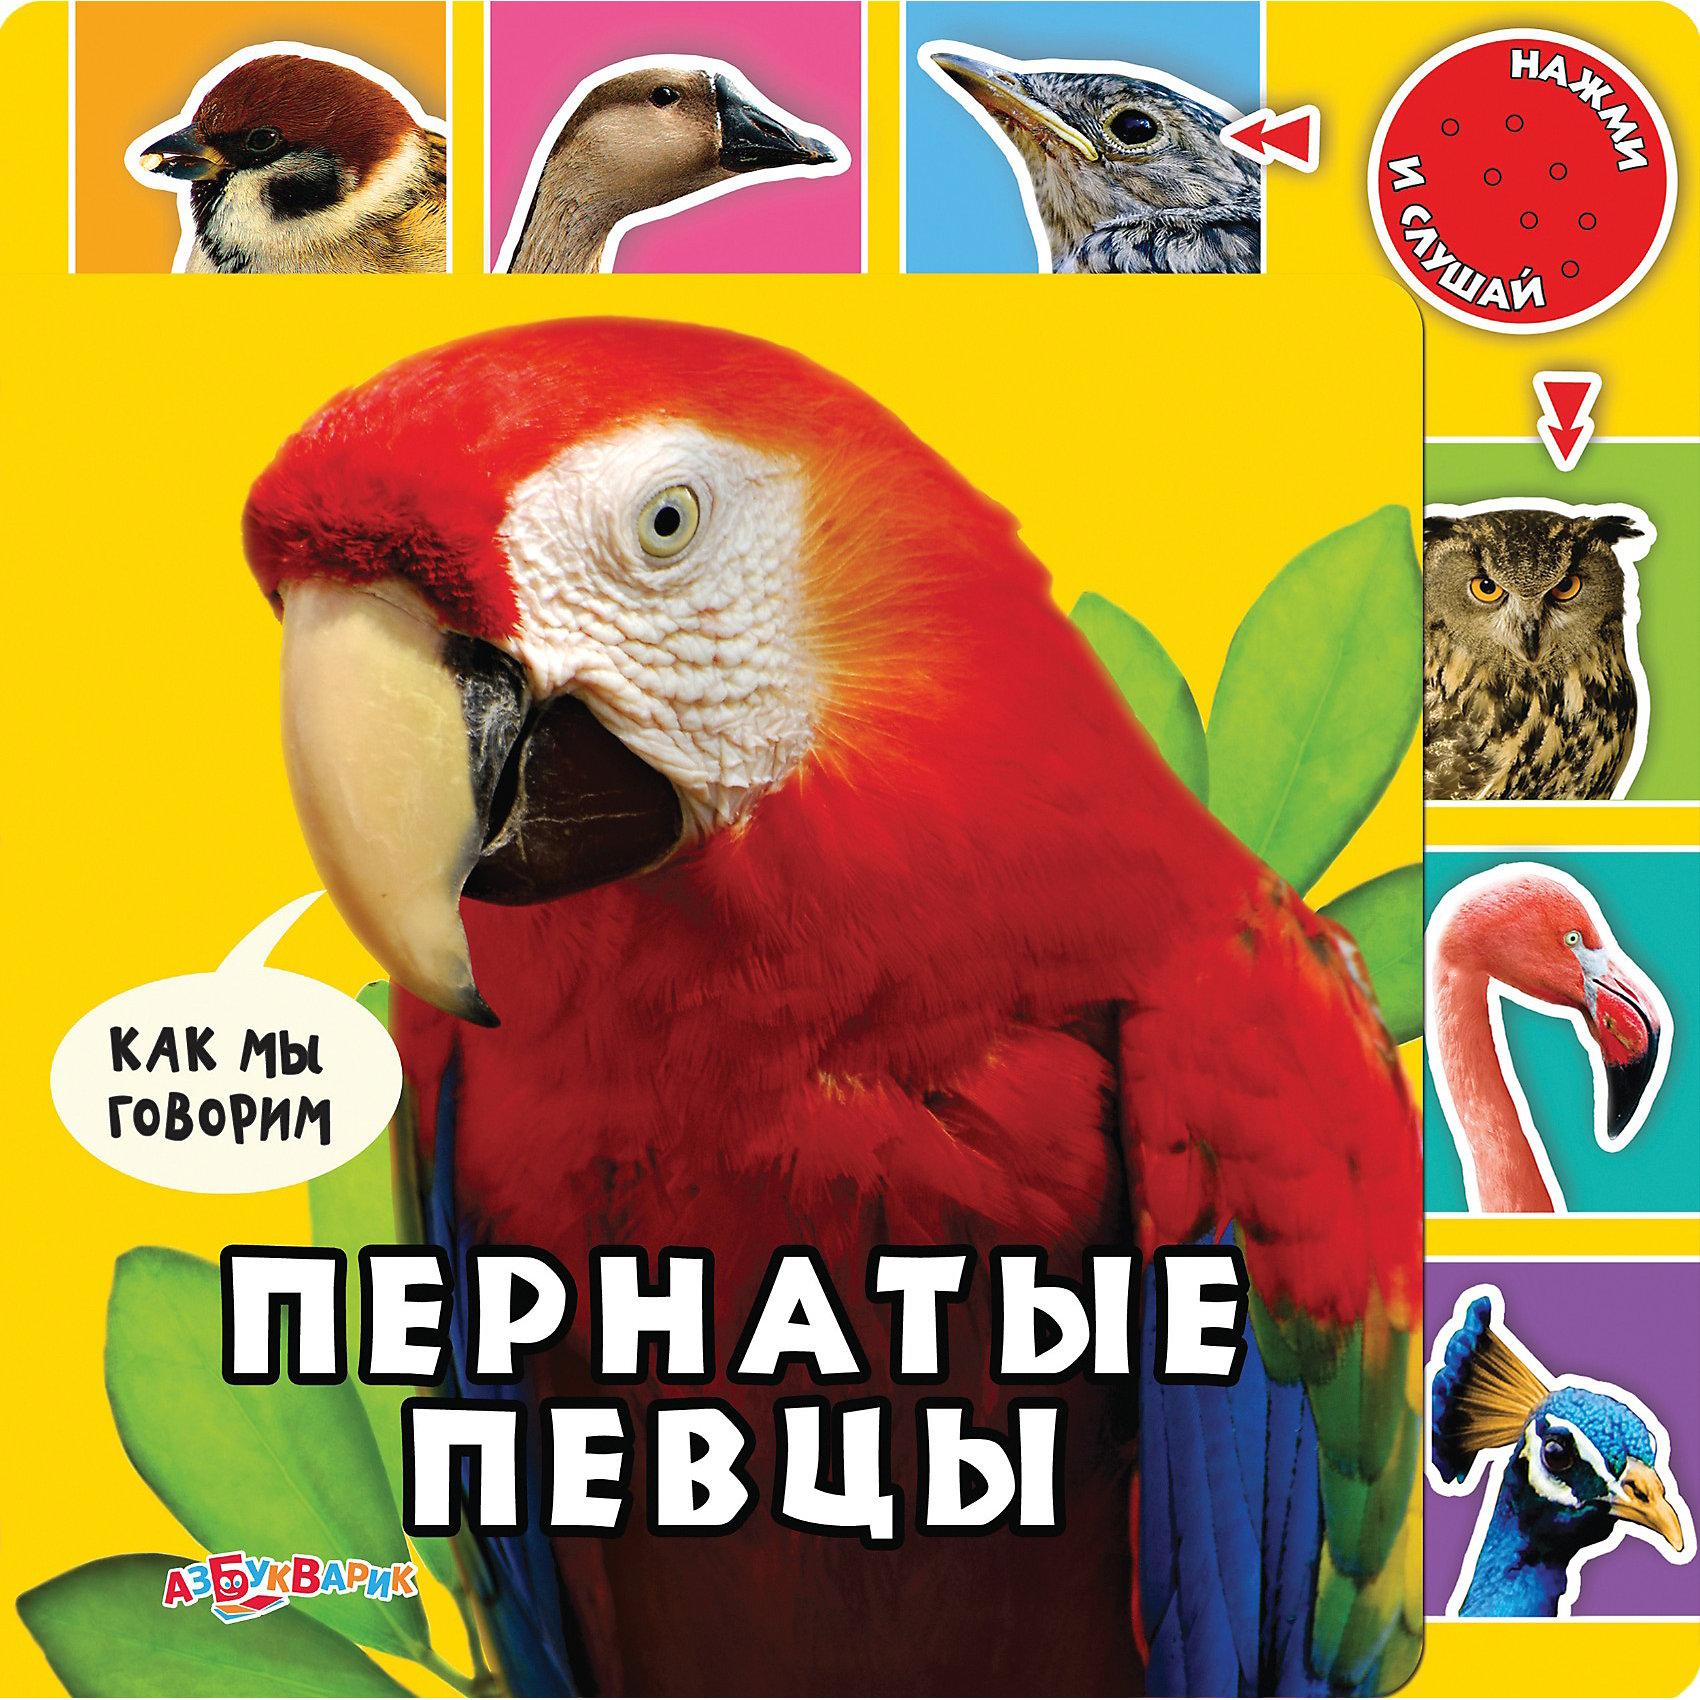 Книга с 6 кнопками Пернатые певцыПернатые певцы, Азбукварик – это красочно иллюстрированная книга со звуковым модулем.<br>Книга о животных для малышей иллюстрирована красочными фотографиями птиц. На её страницах ребёнку встретятся сорока, воробей, гусь, голубь, лебедь, кукушка, сова, дятел, страус и фламинго. Кроха сможет рассмотреть картинки и узнать весёлые короткие стихи о птицах. А ещё, нажимая на изображения птиц, он услышит их настоящие голоса!<br><br>Дополнительная информация:<br><br>- Автор: Валерия Зубкова<br>- Художник: Сысой Наталья<br>- Издательство: Азбукварик<br>- Серия: Как мы говорим<br>- Тип обложки: картонная обложка<br>- Оформление: частичная лакировка, вырубка, со звуковым модулем на 6 кнопок<br>- Тип иллюстраций: фотографии цветные <br>- Страниц: 12<br>- Бумага: картон<br>- Батарейки: 3 батарейки типа G10 (демонстрационные в комплекте)<br>- Вес: 390 гр.<br>- Размер книги: 21.5х21.5 см, размер страниц 18х18 см.<br><br>Книгу «Пернатые певцы», Азбукварик можно купить в нашем интернет-магазине.<br><br>Ширина мм: 215<br>Глубина мм: 15<br>Высота мм: 215<br>Вес г: 425<br>Возраст от месяцев: 36<br>Возраст до месяцев: 72<br>Пол: Унисекс<br>Возраст: Детский<br>SKU: 3803650